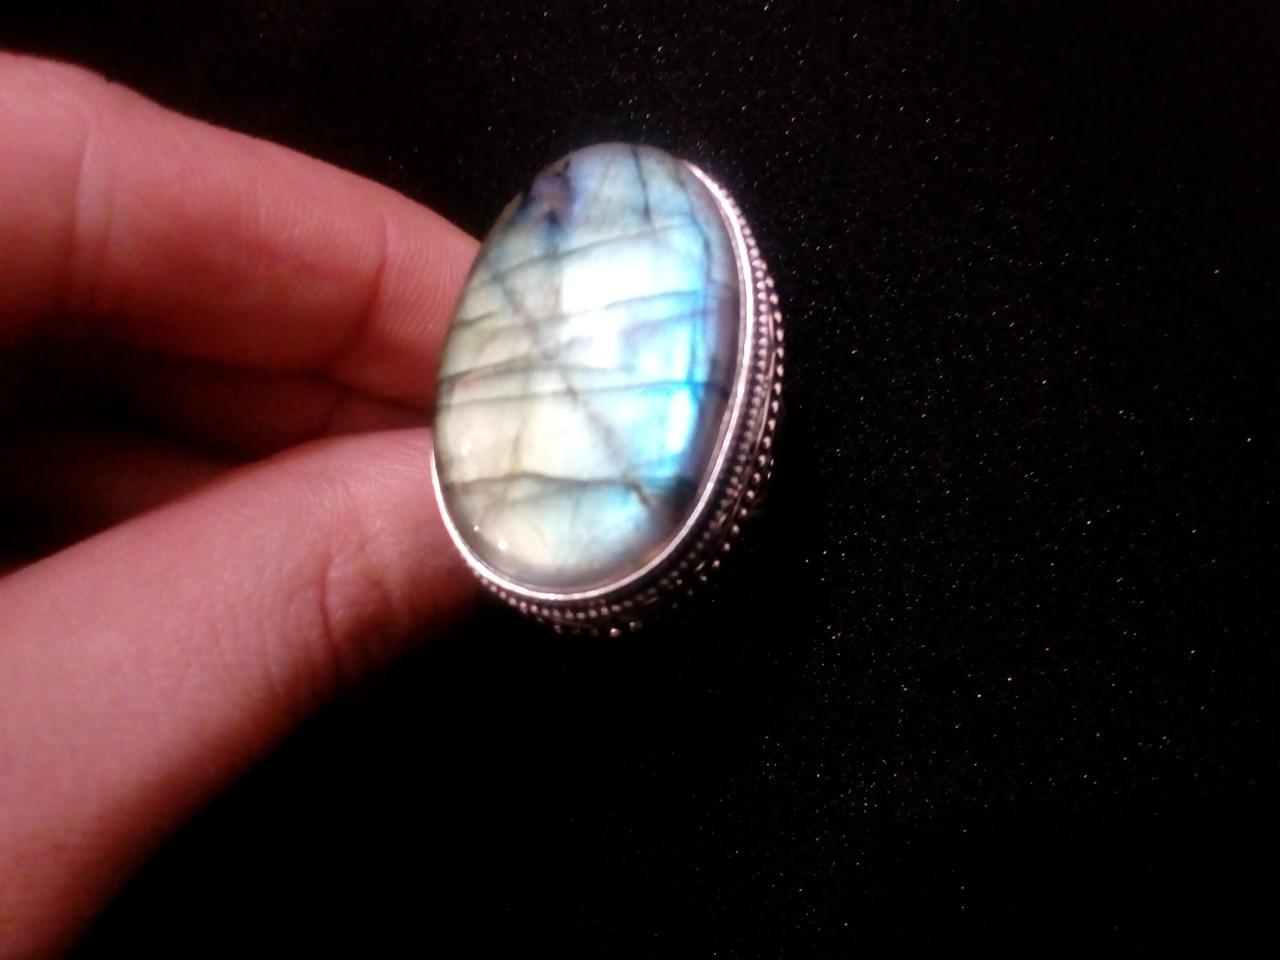 Красивое кольцо с натуральным камнем лабрадор в серебре. Кольцо с лабрадором 19 размер Индия